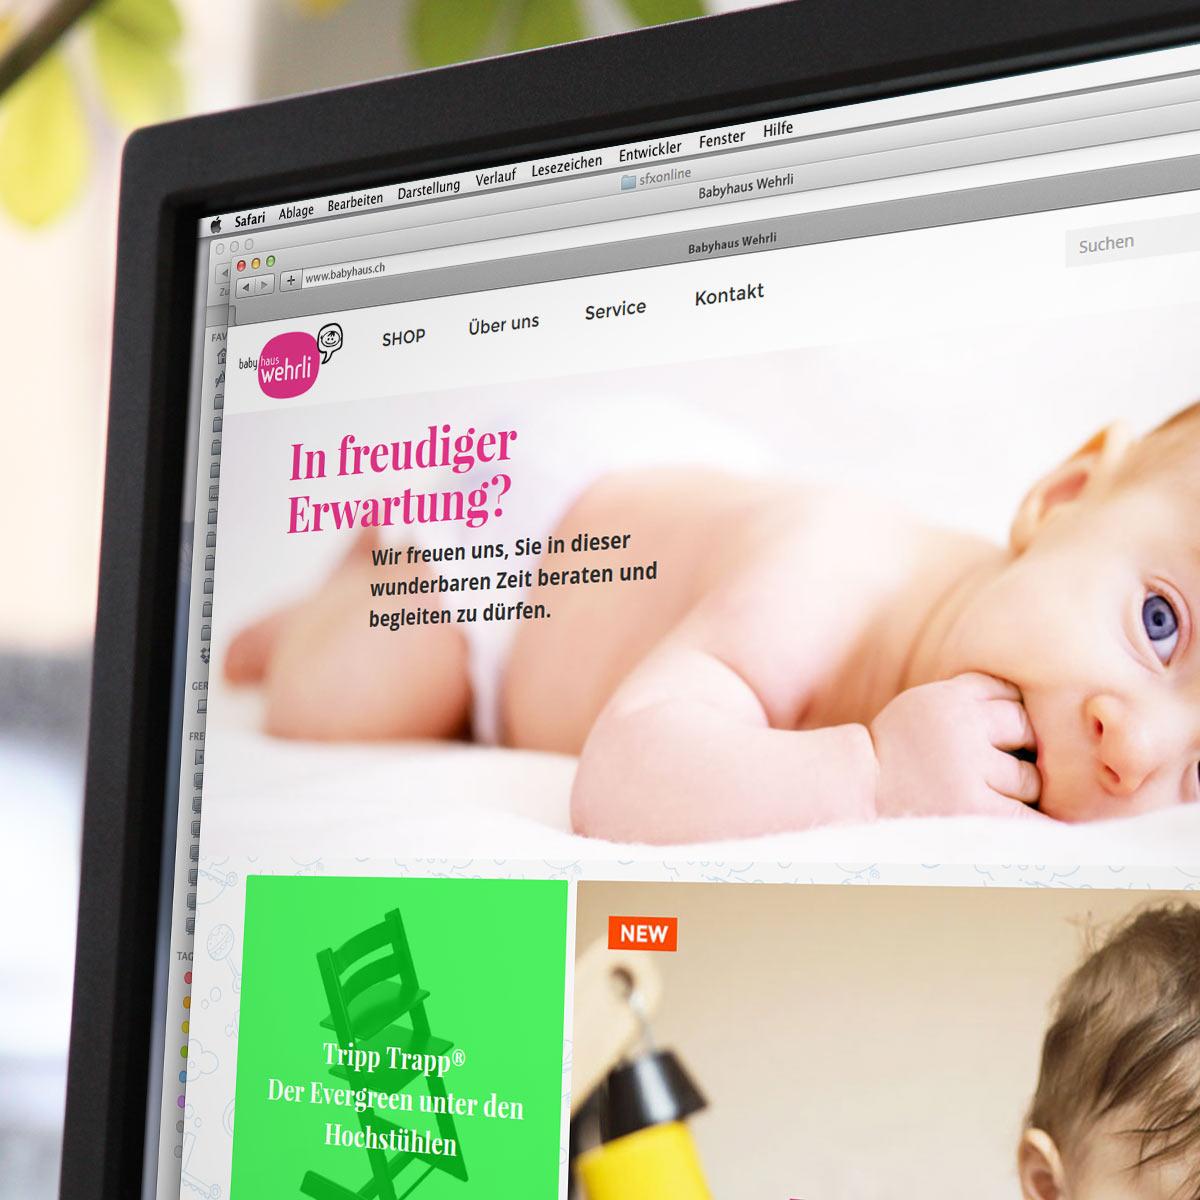 JTL Shop Referenz babyhaus.ch